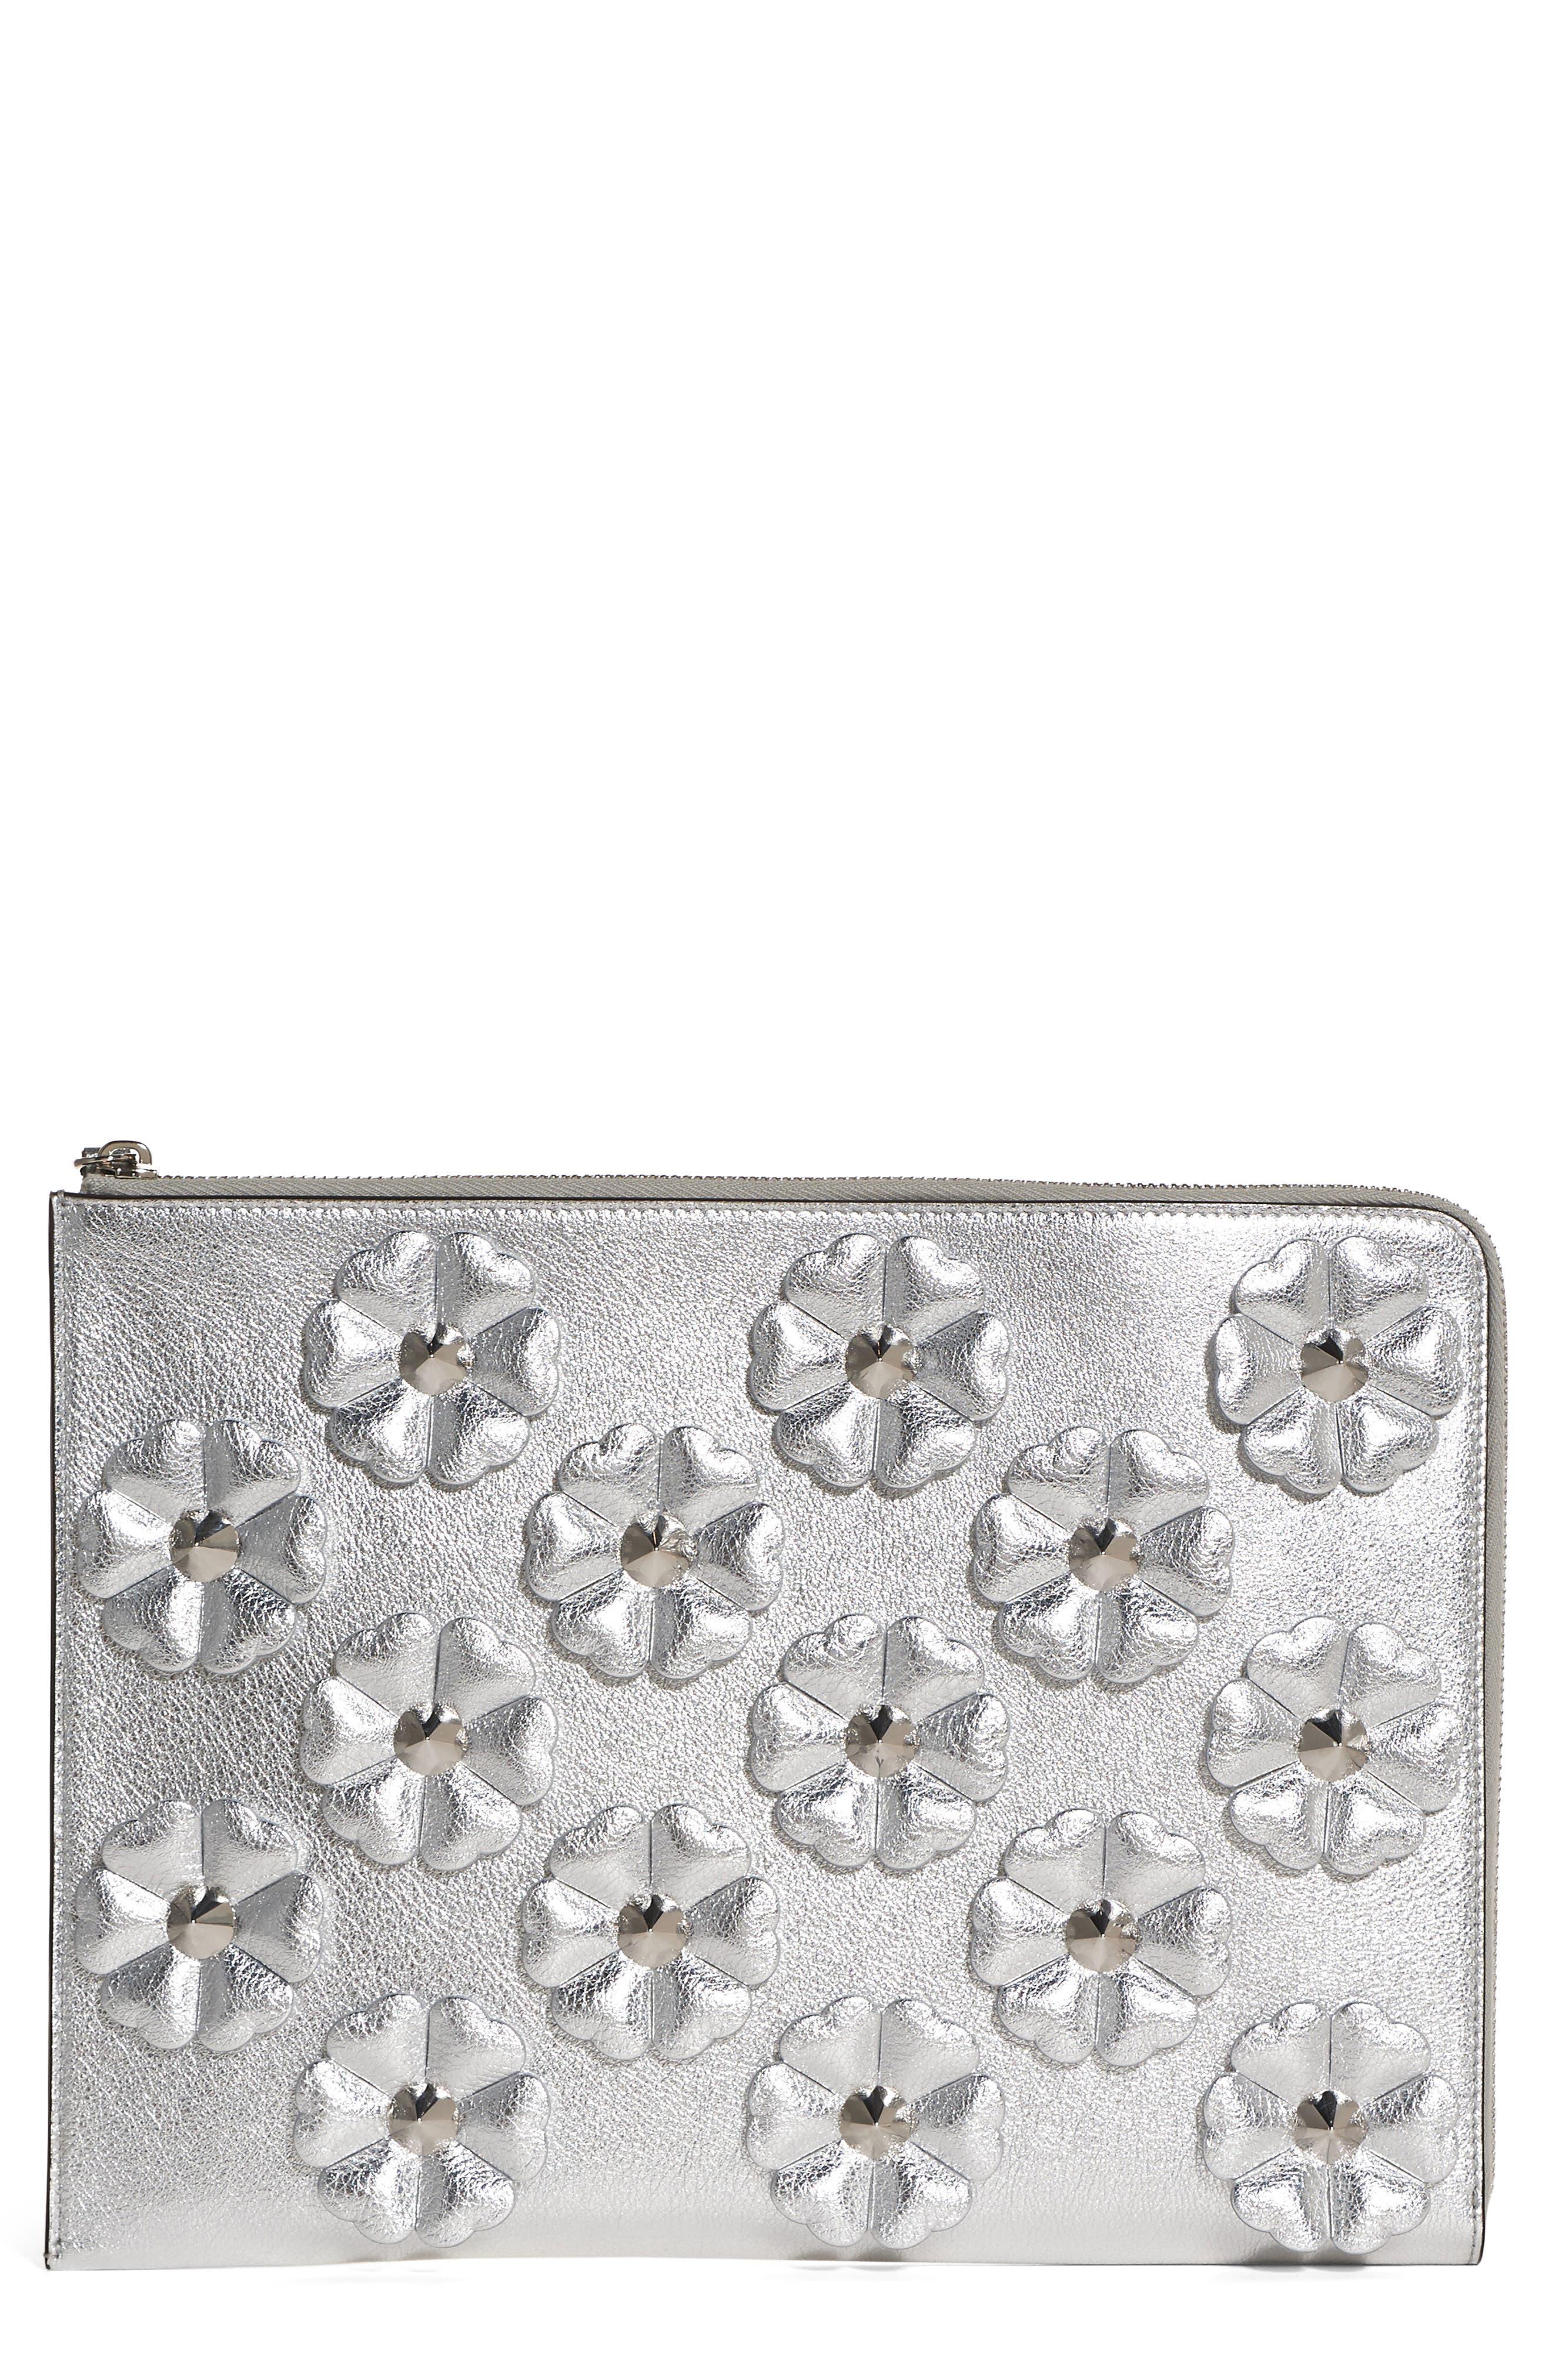 FENDI Studded Flowers Calfskin Clutch